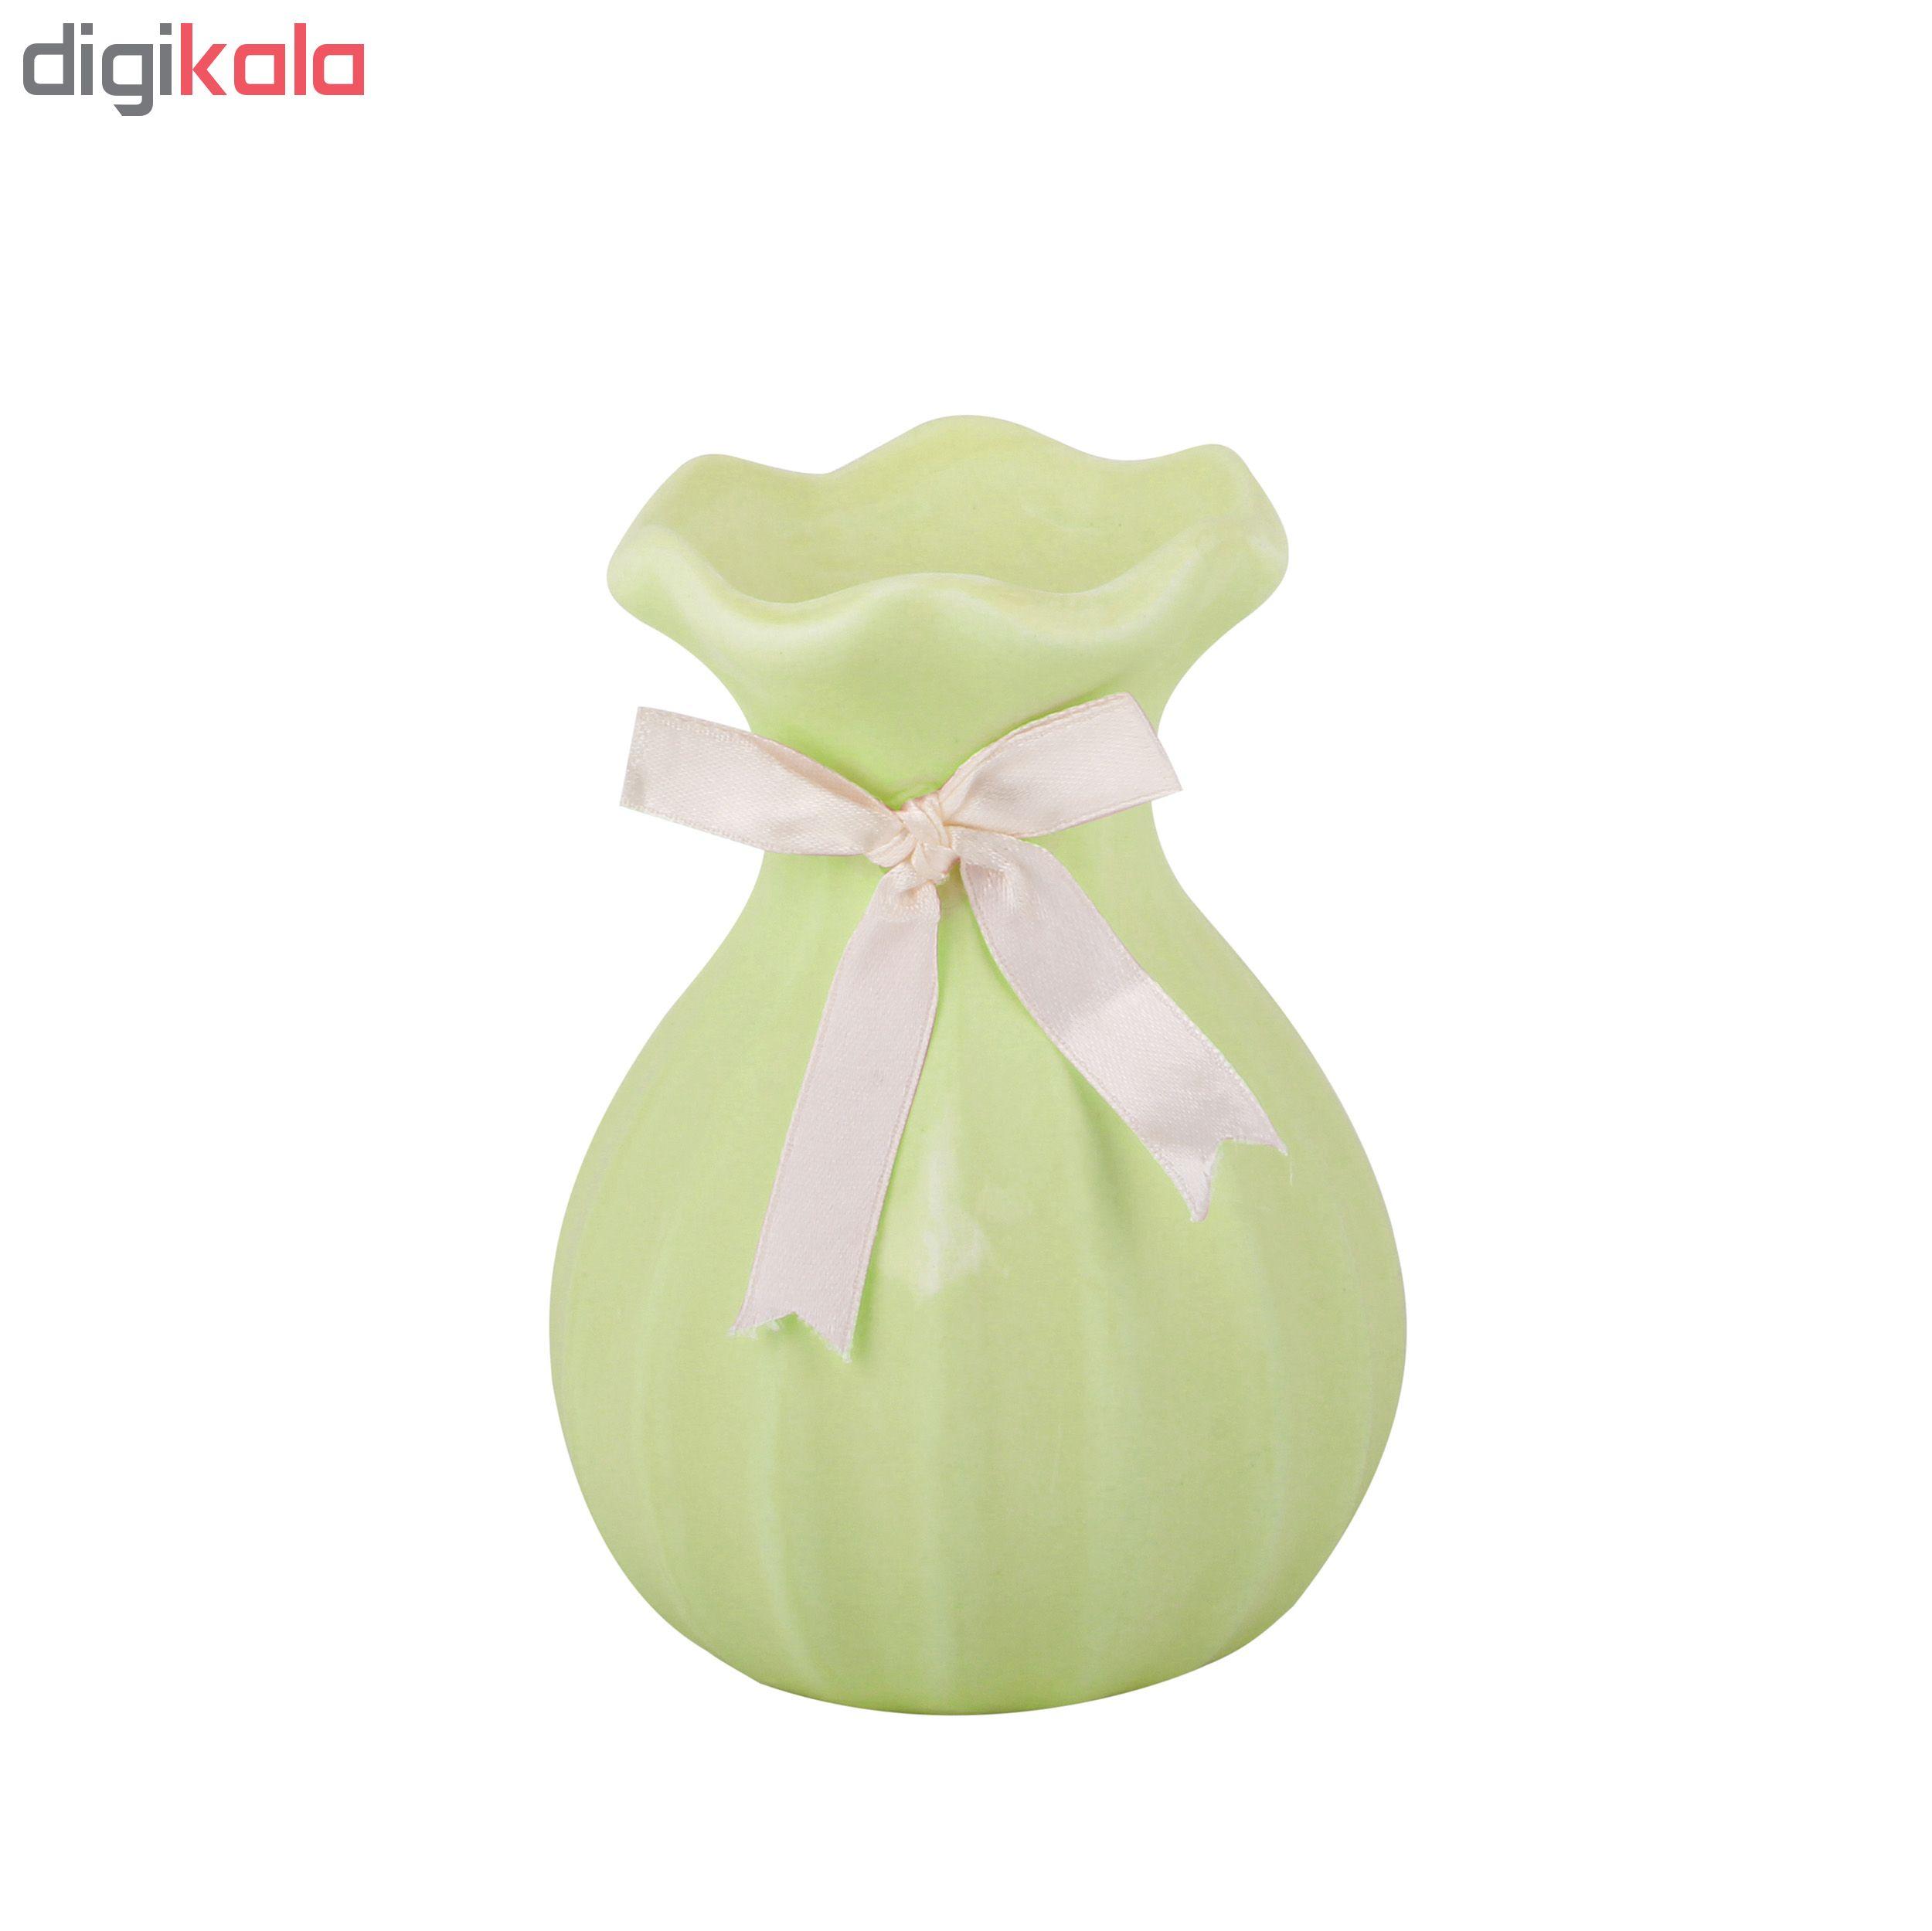 گلدان مدل Big papi1